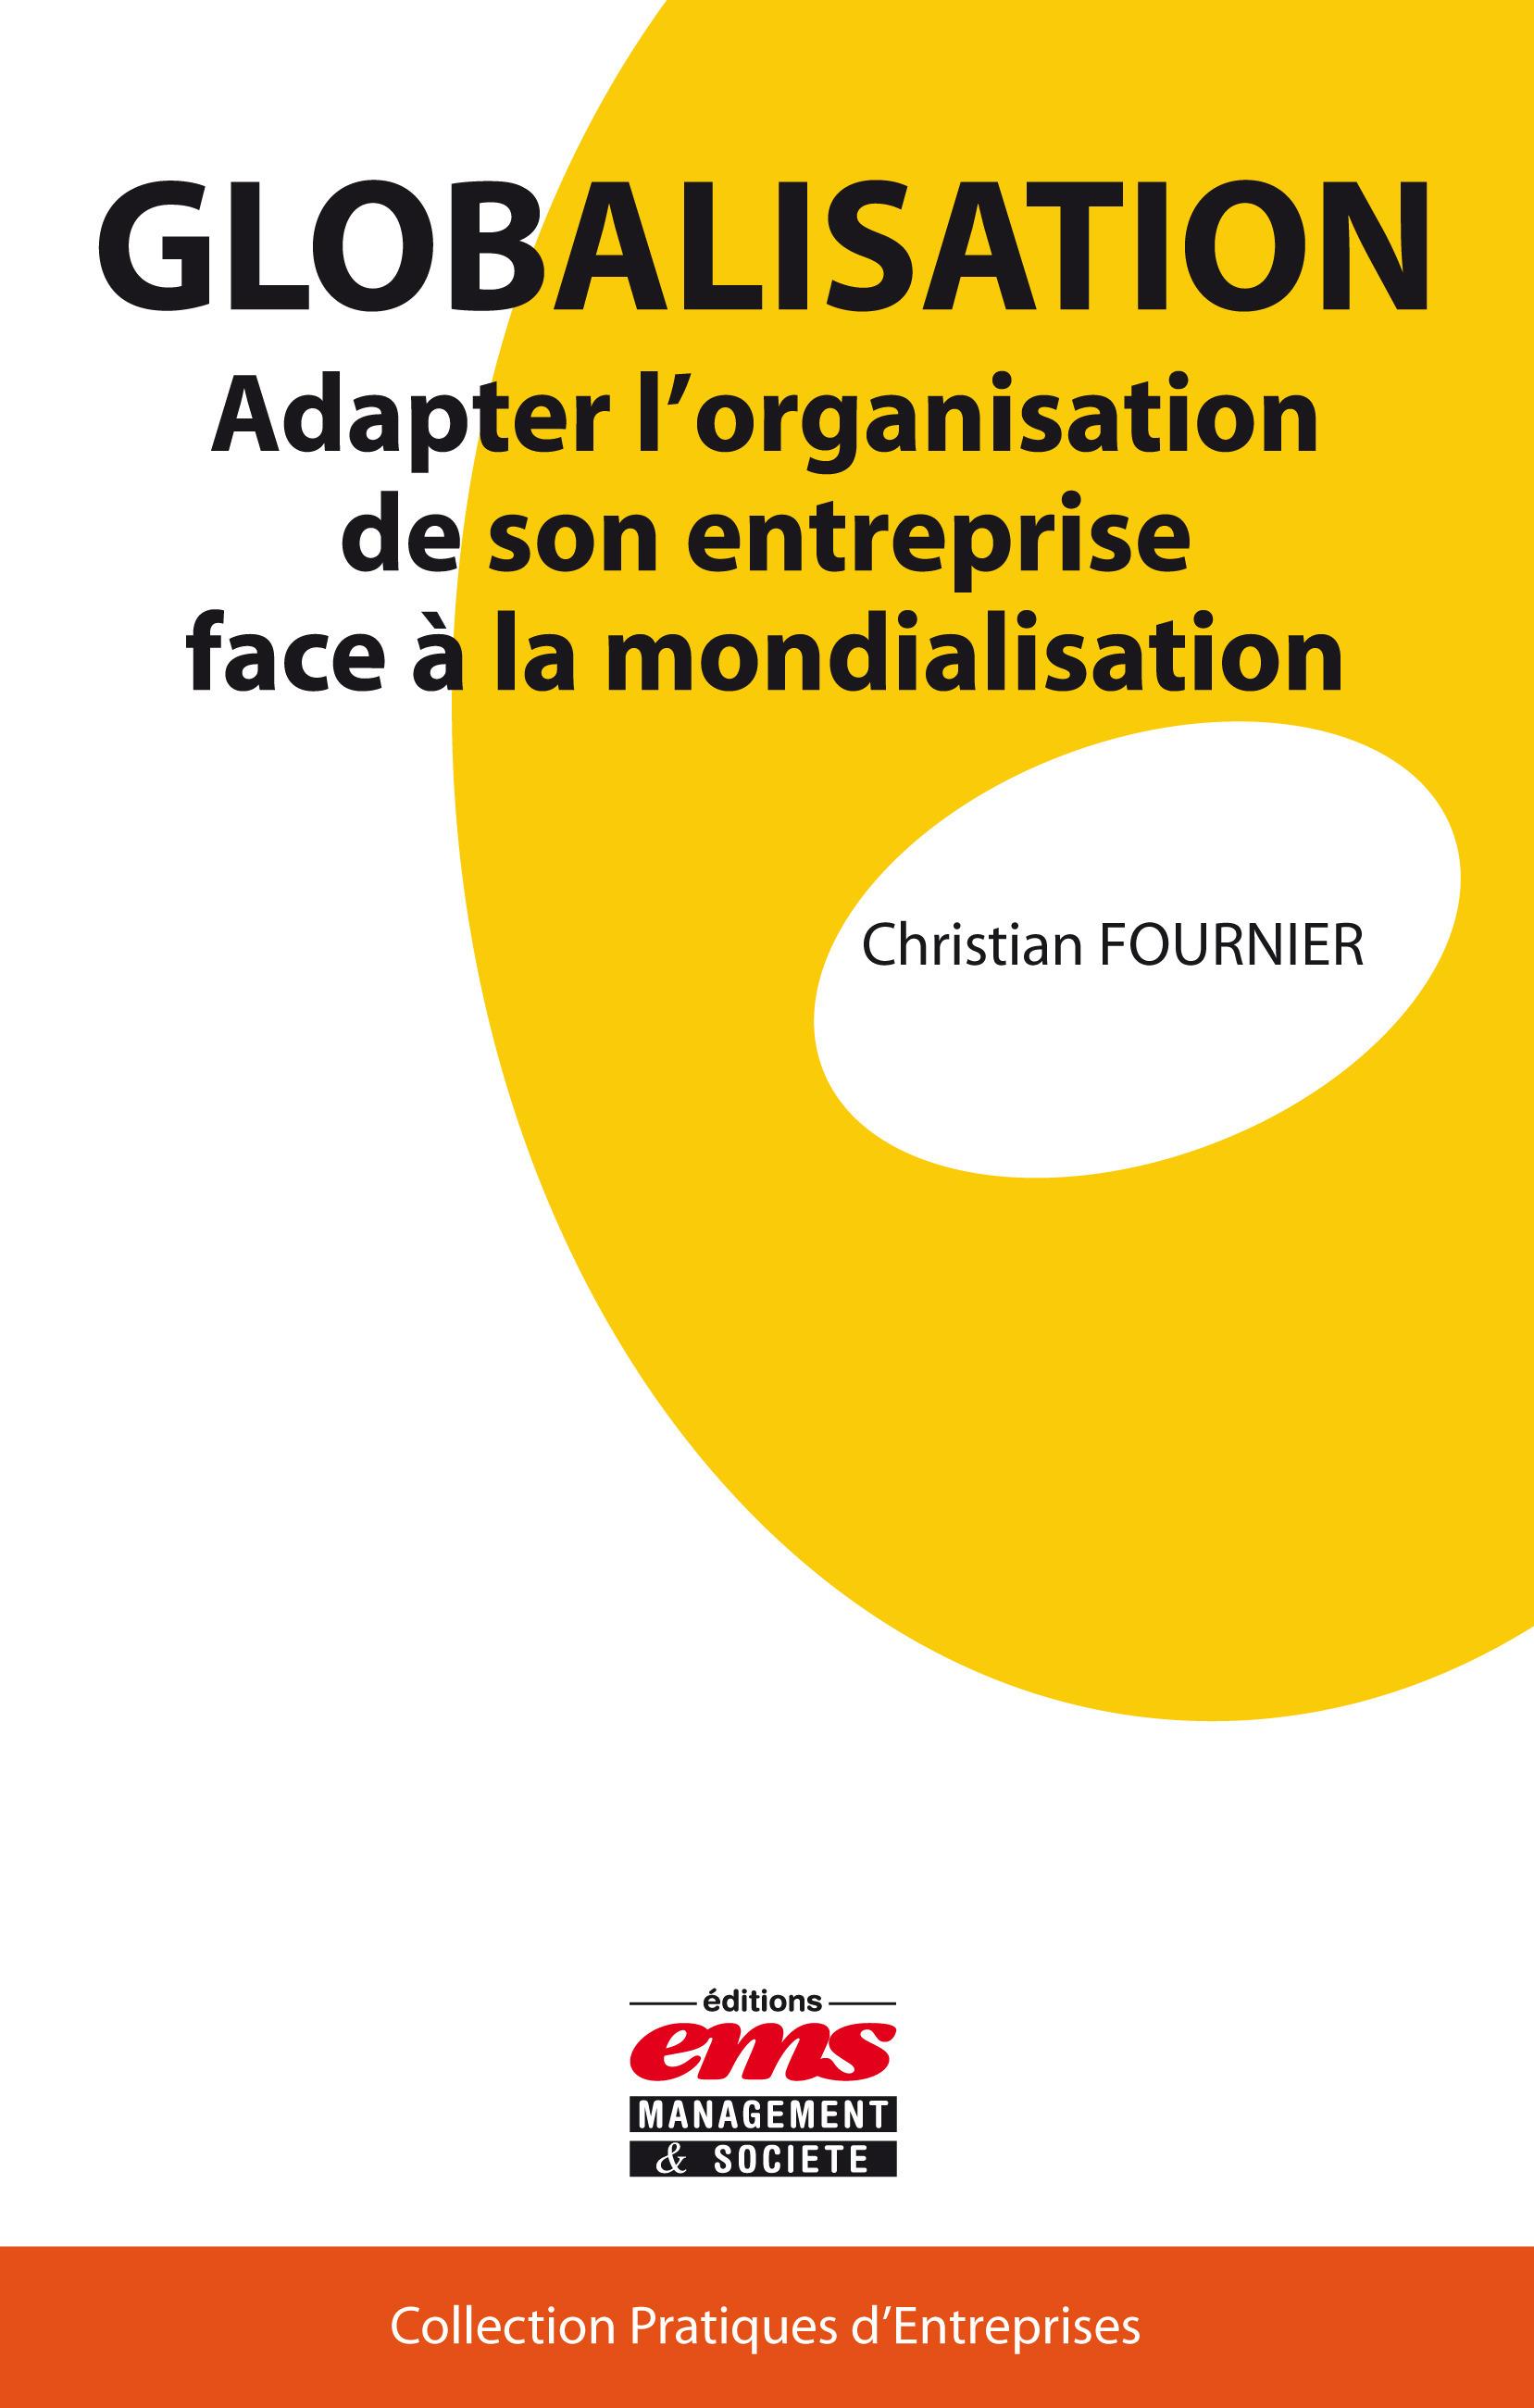 Christian Fournier Globalisation ; adapter l'organisation de son entreprise face a la mondialisation